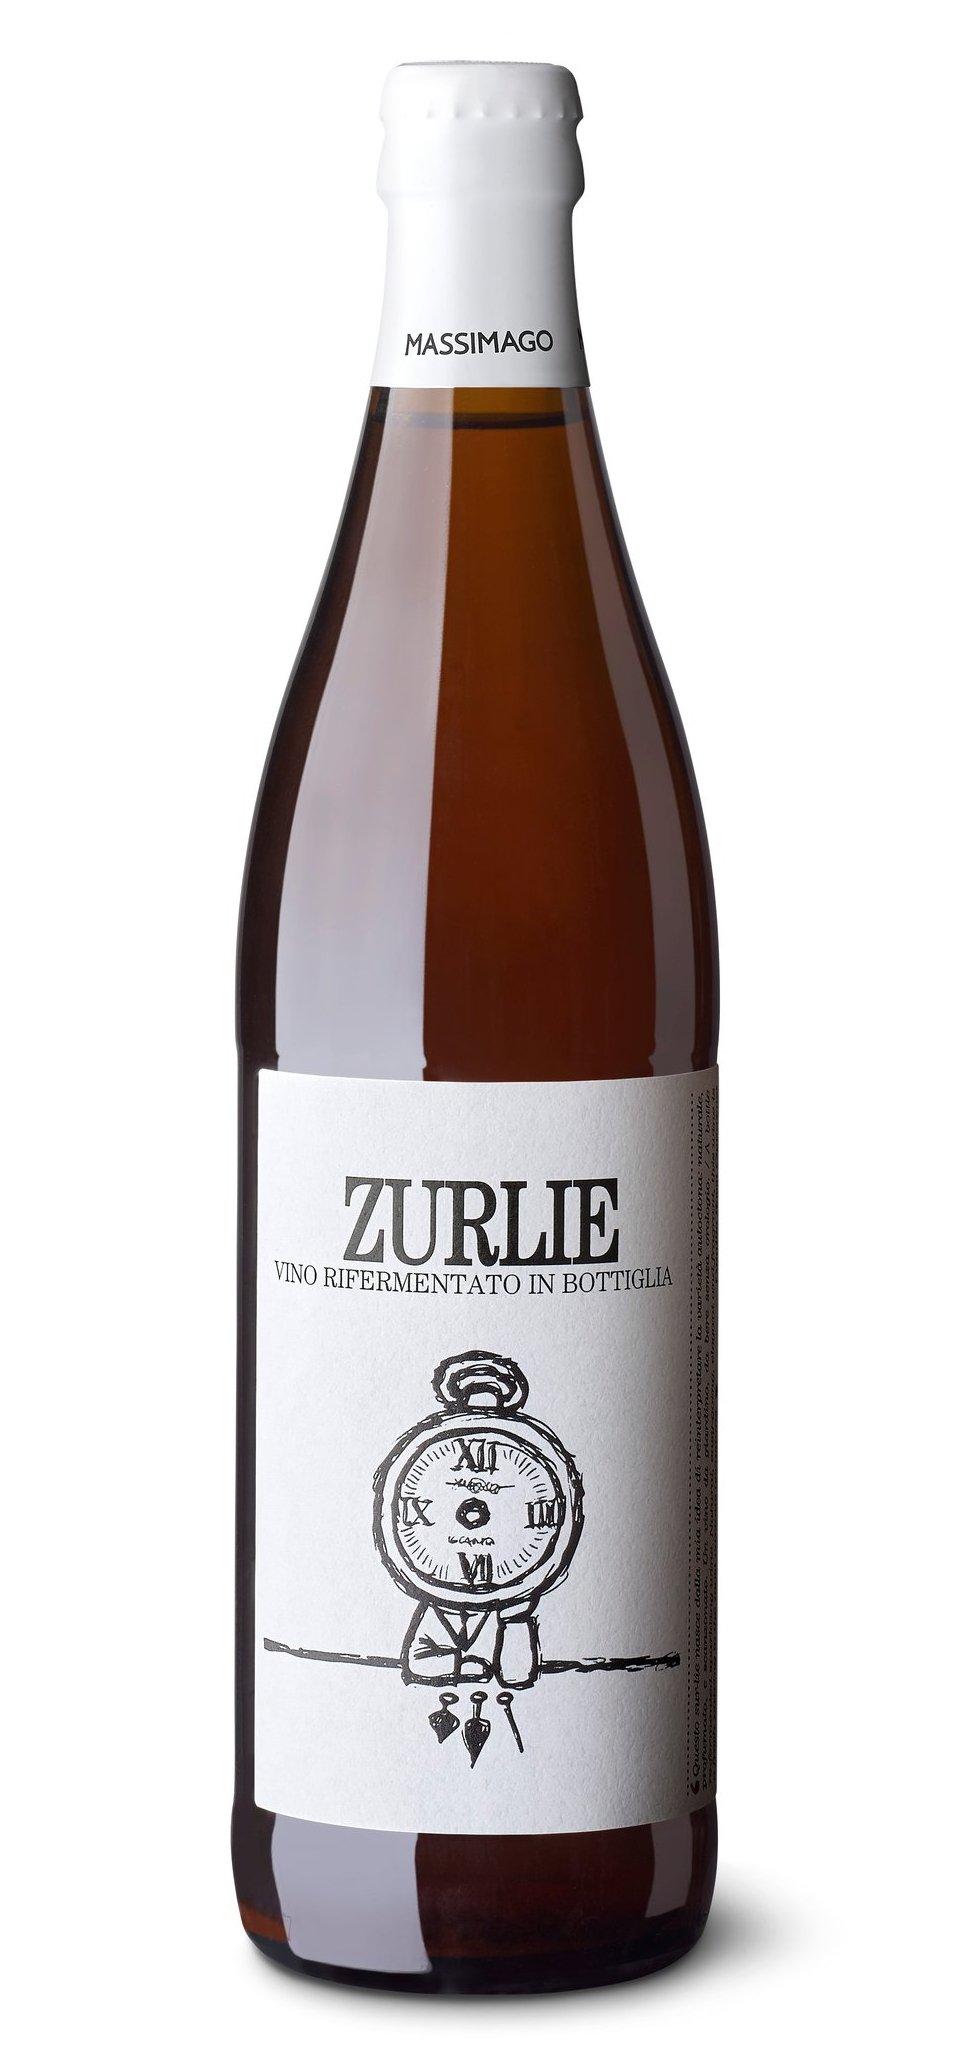 Bottiglia di Massimago Zurlie vino rifermentato in bottiglia